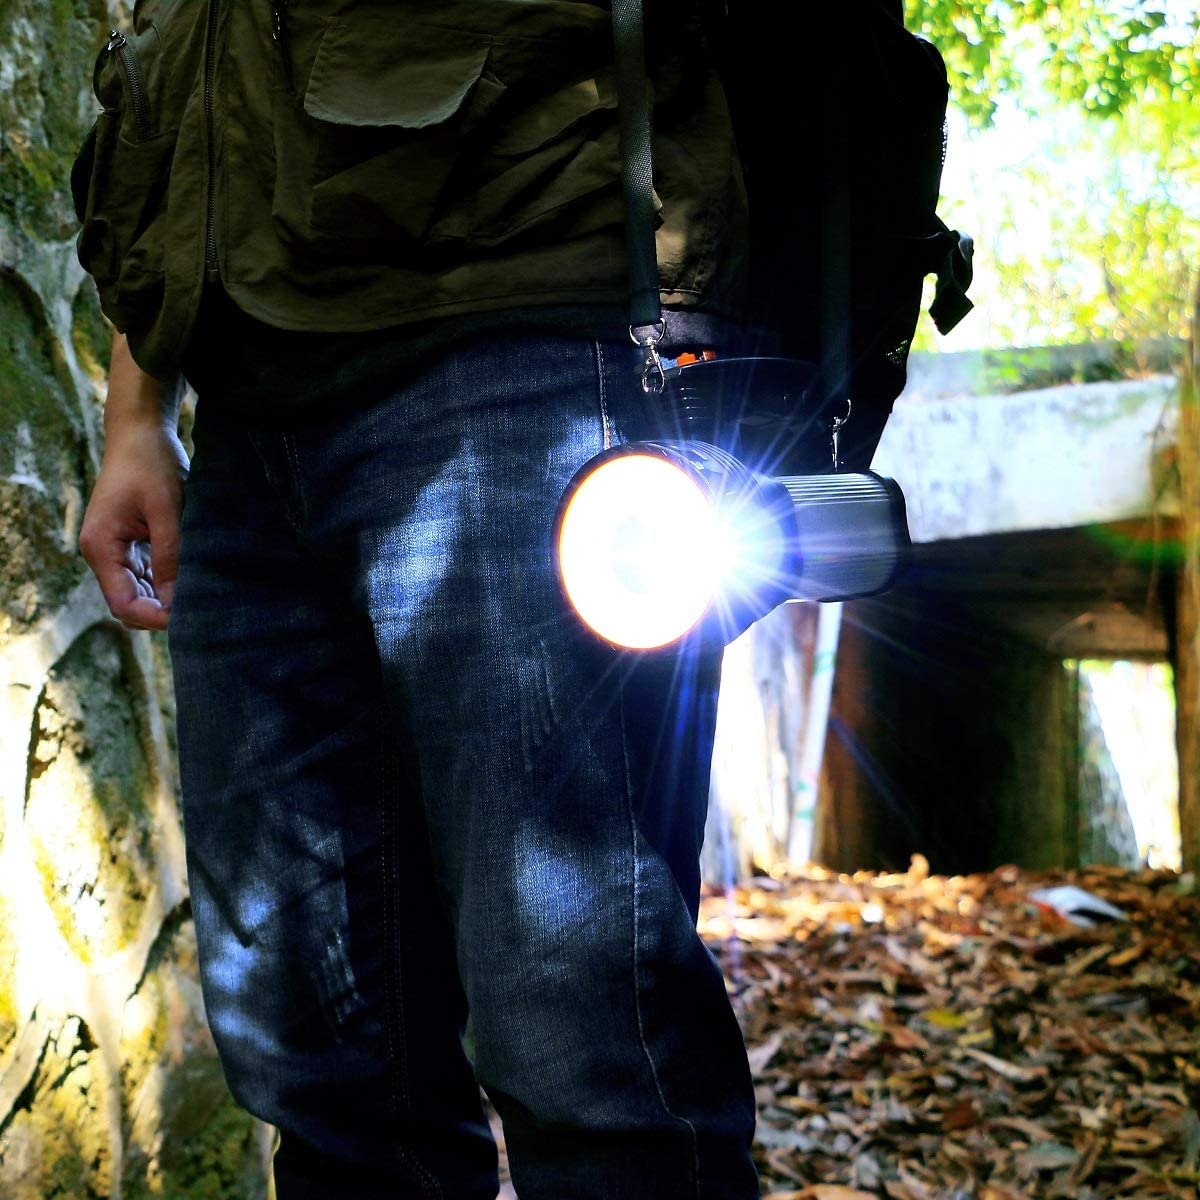 CSNDICE LED Wiederaufladbare Handheld Scheinwerfer Hochleistungs Super Bright 9000 MA 6000 LUMENS CREE Taktische Scheinwerfer Fackel Laterne Taschenlampe